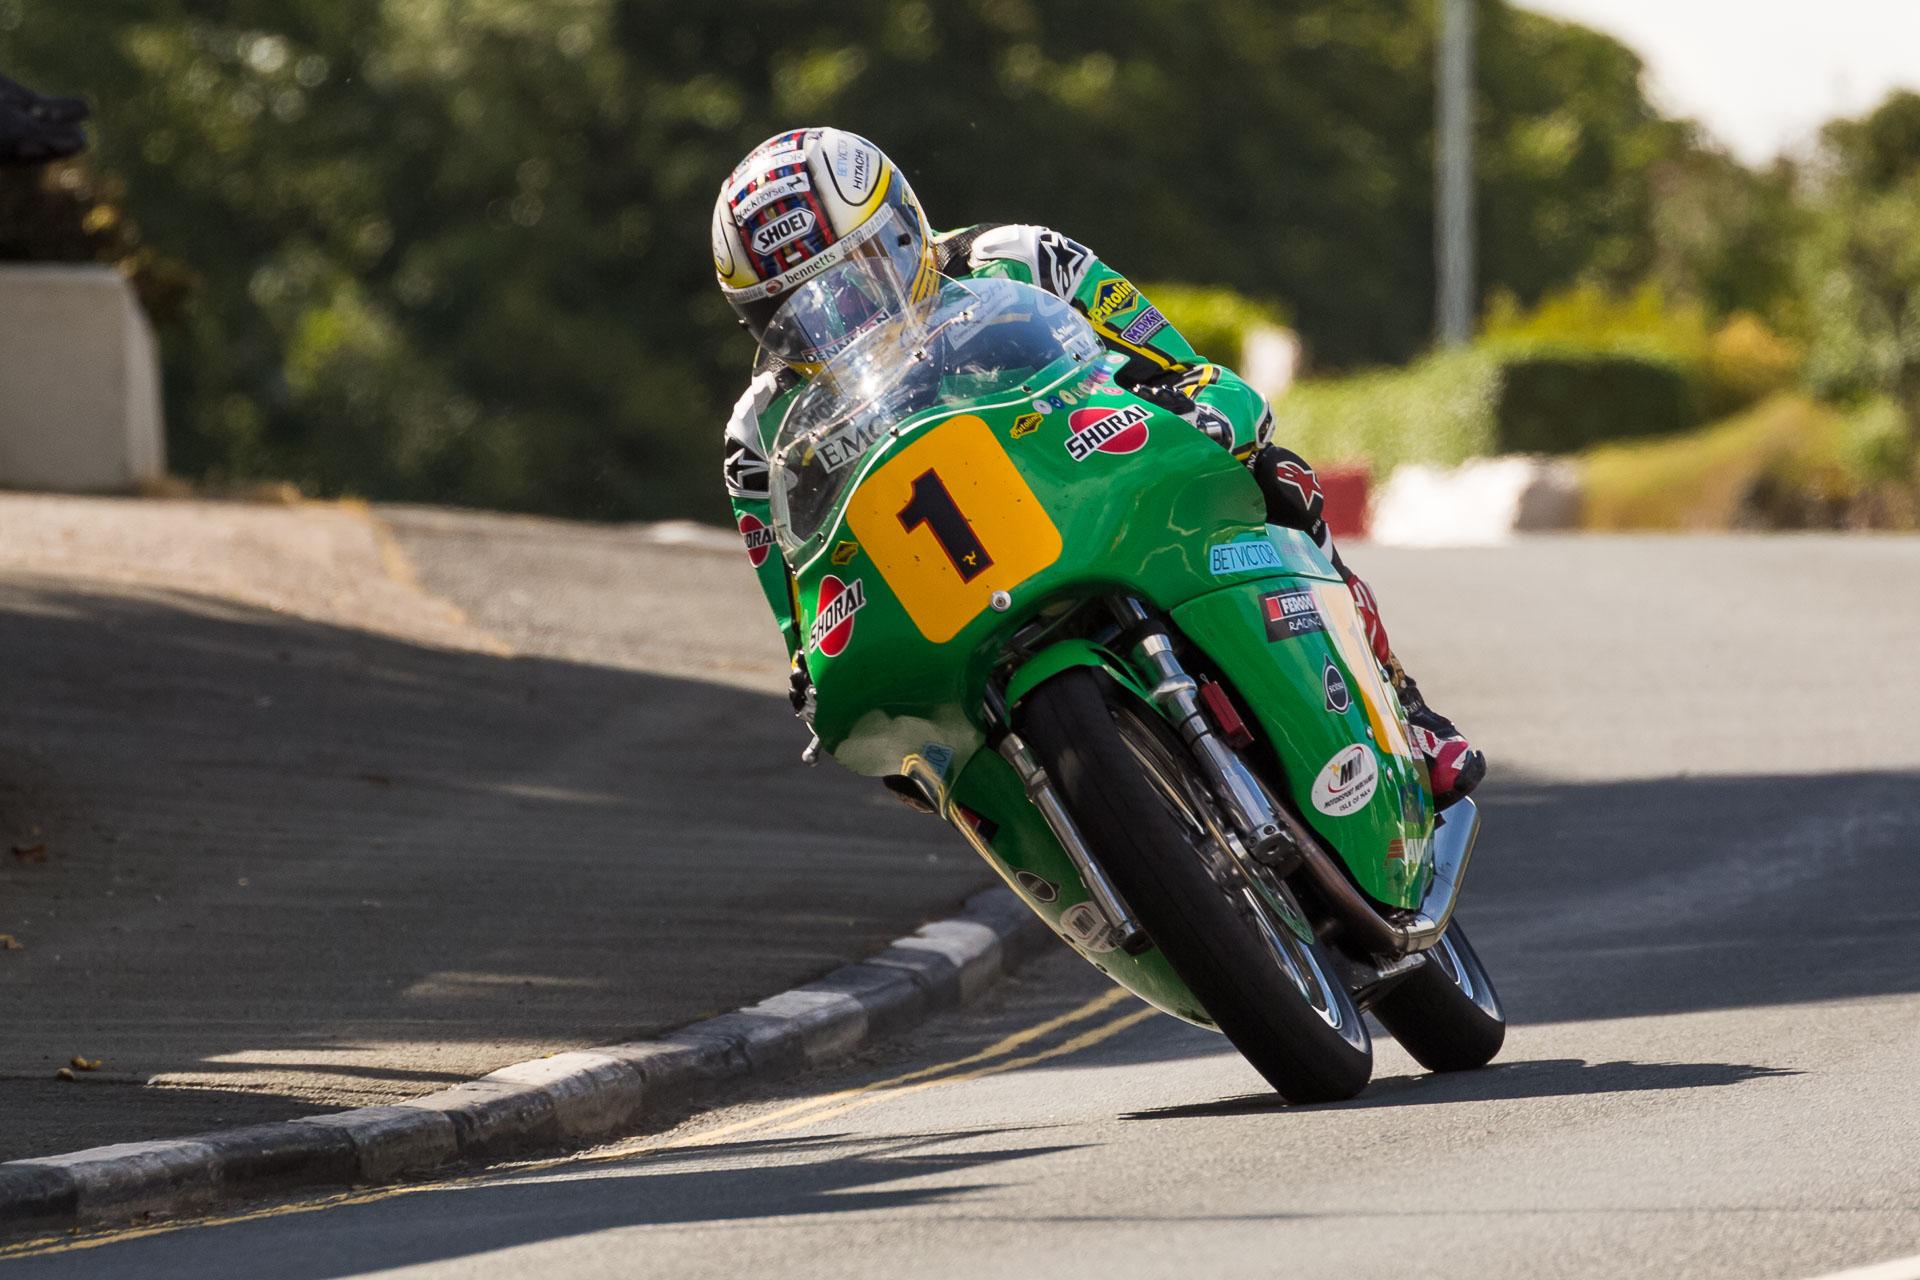 John McGuinness auf seiner 500er Paton während der ersten Runde durch Kirk Michael. Foto: Krause/MotorPhoto.de